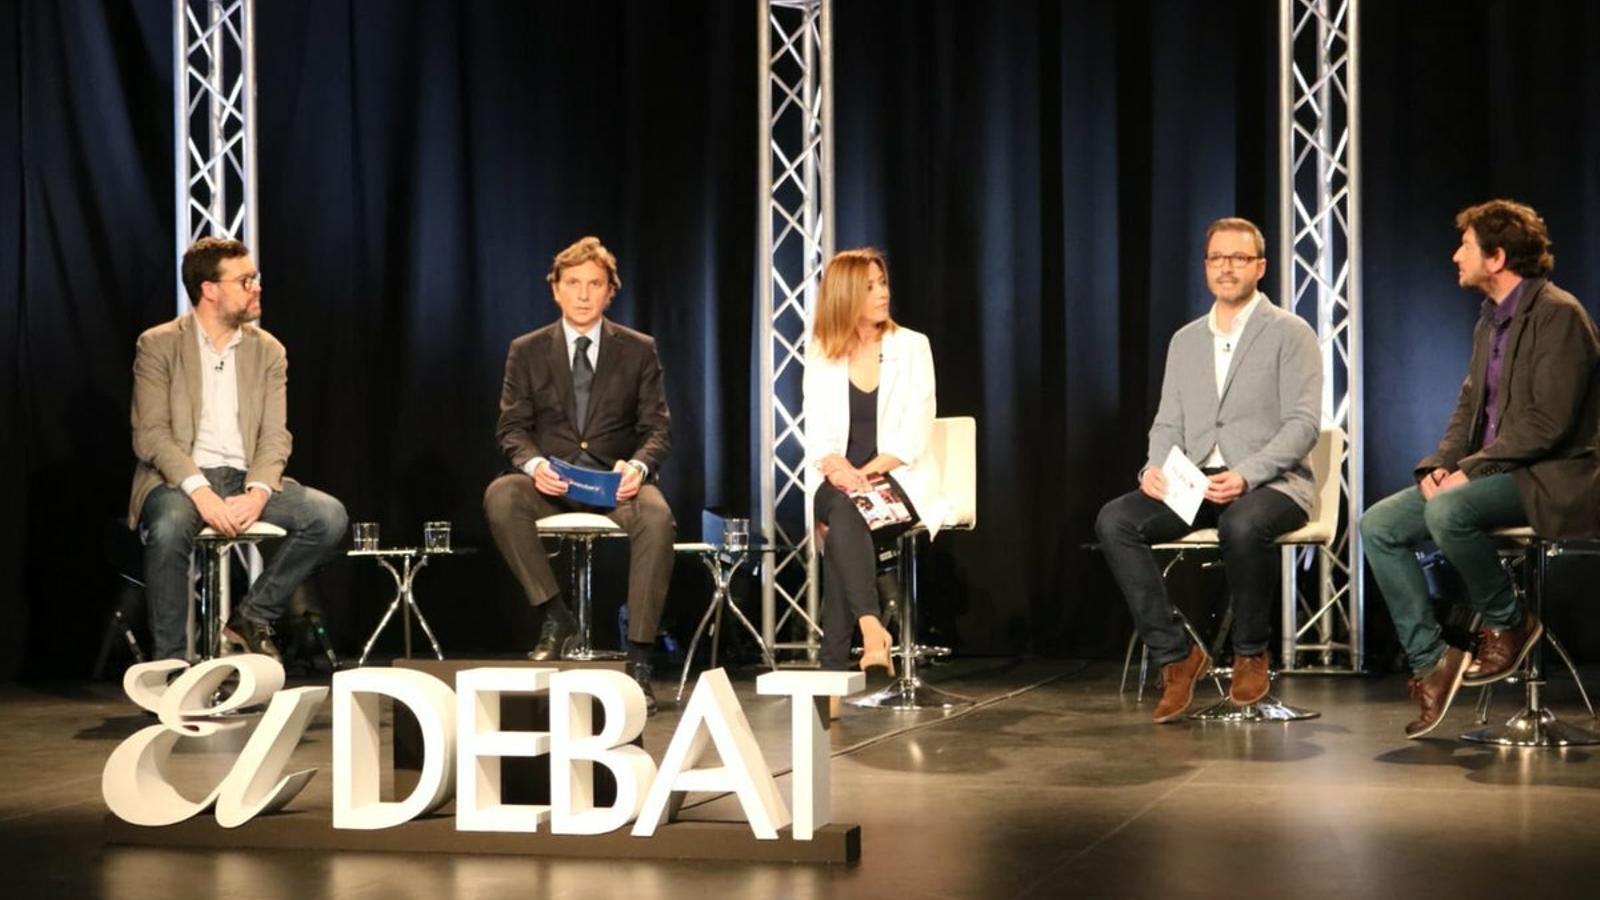 Els candidats a la batlia de Palma: Antoni Noguera, Mateu Isern, José Hila i Alberto Jarabo